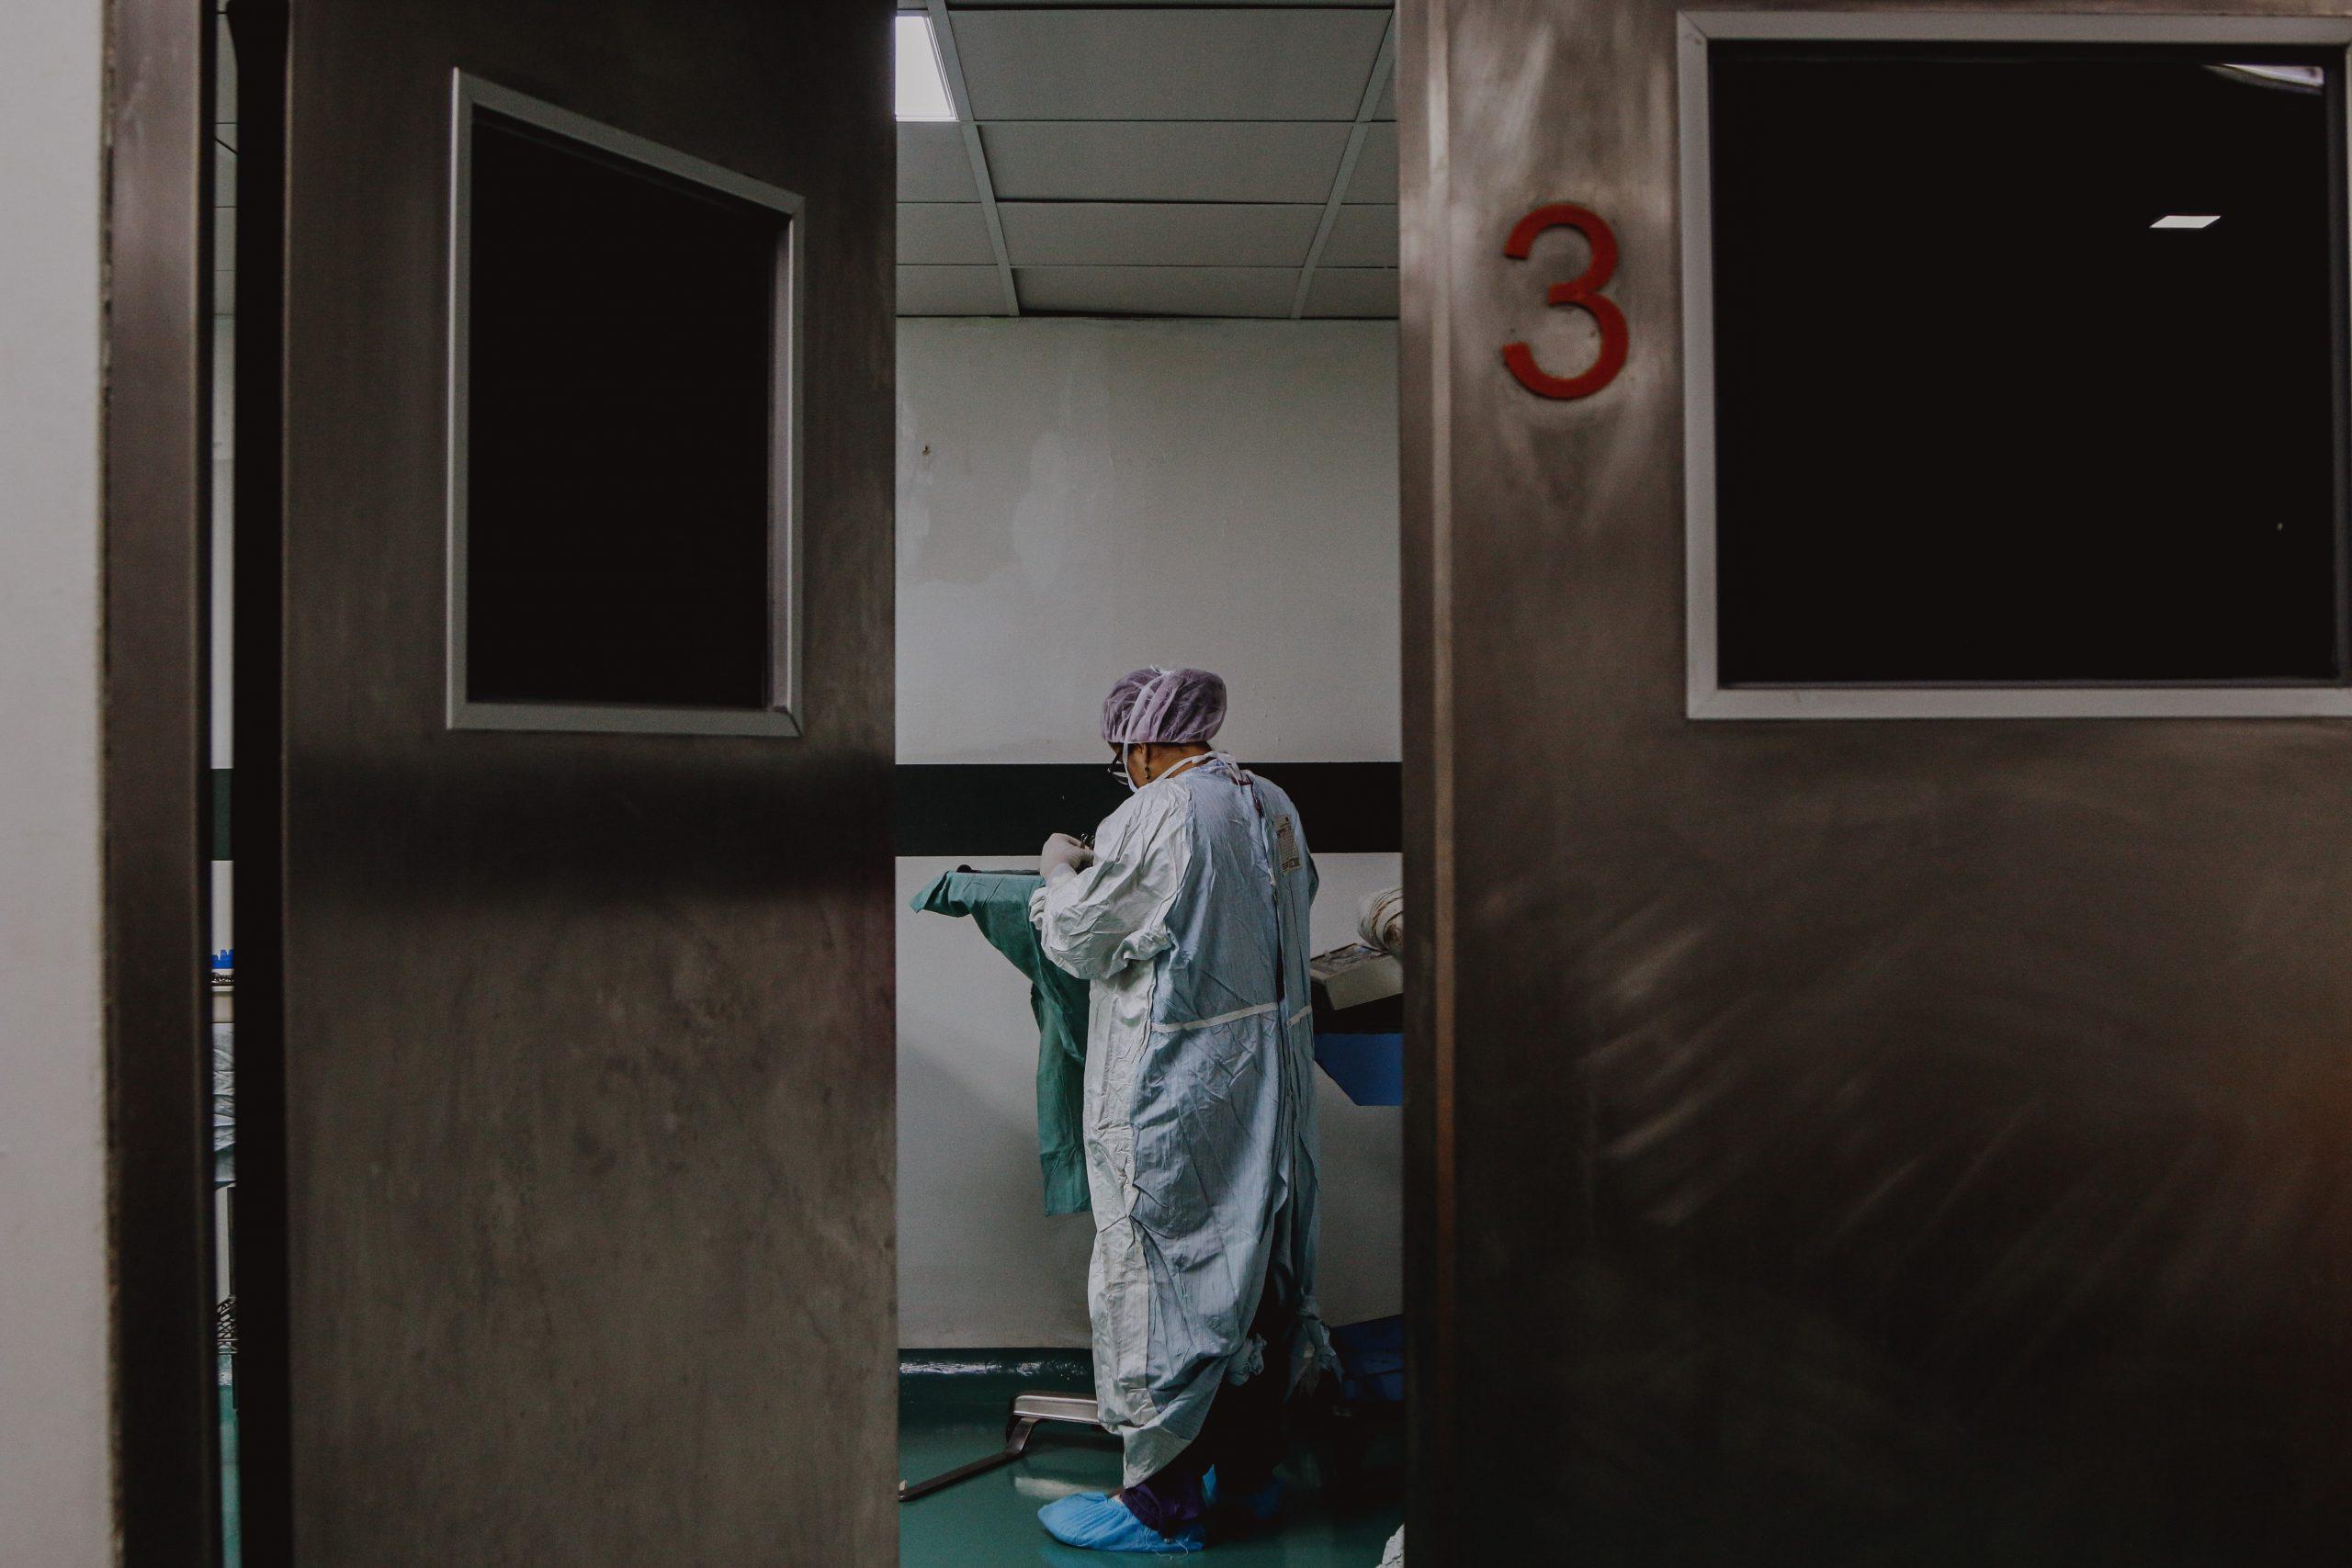 Людям страшно, но приходится лечить на дому»: ещё три монолога врачей о  пандемии • Чтиво • Сибдепо